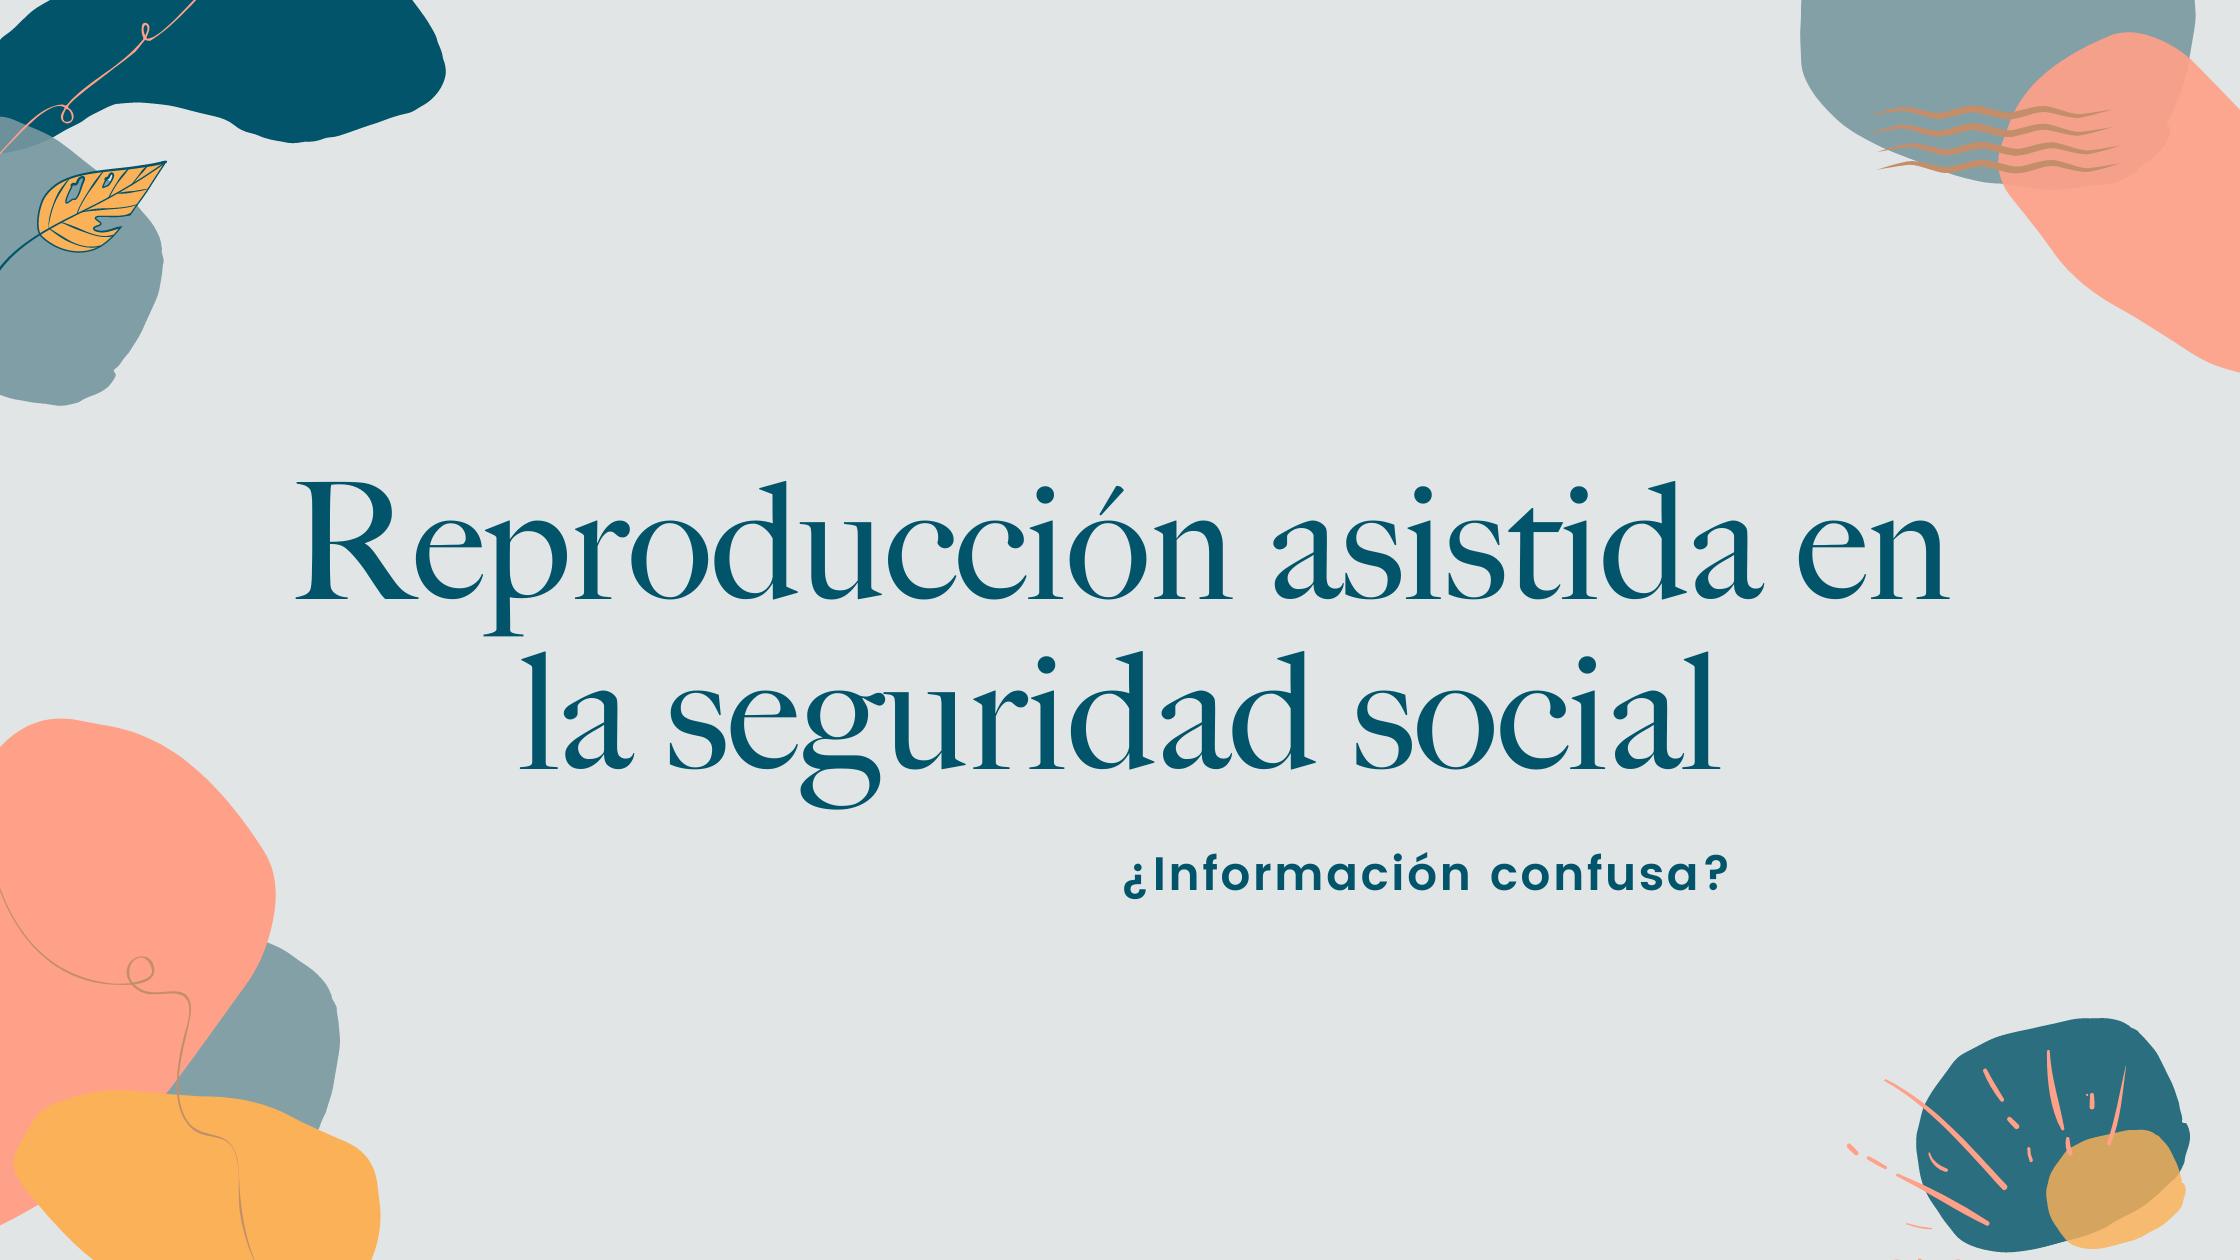 Dudas reproducción asistida seguridad social españa